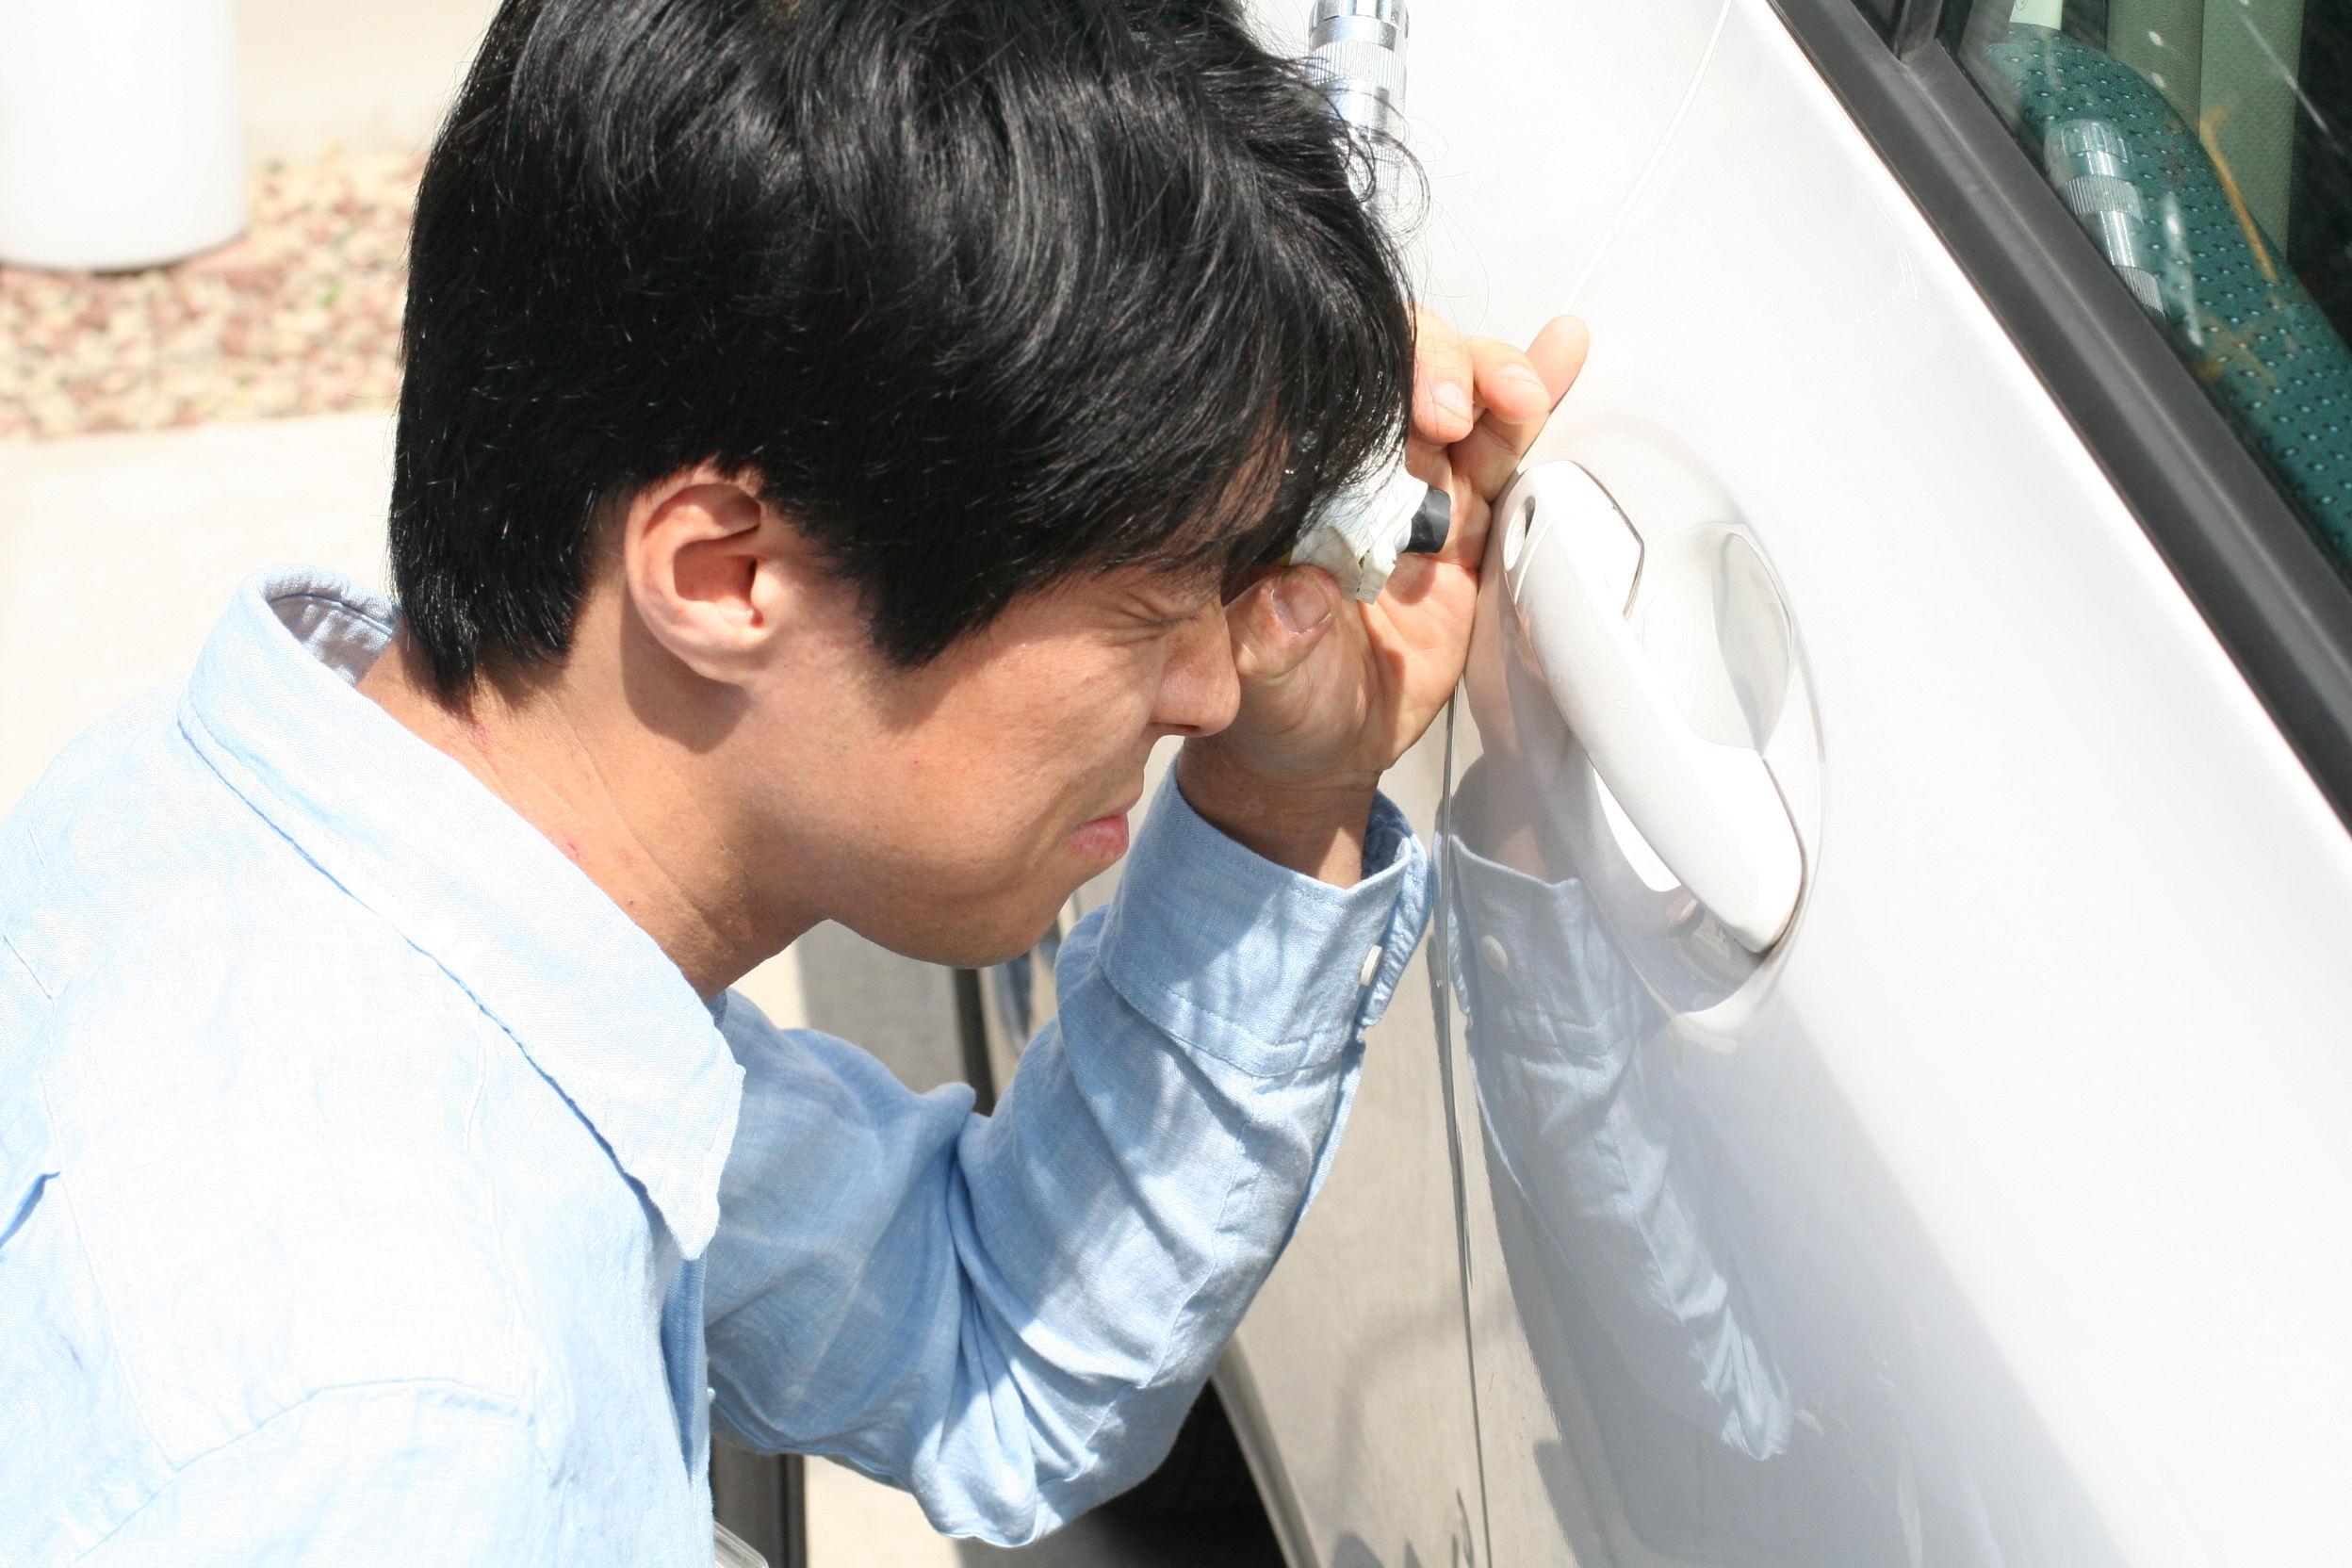 カギのトラブル救Q隊.24【大竹市 出張エリア】のメイン画像